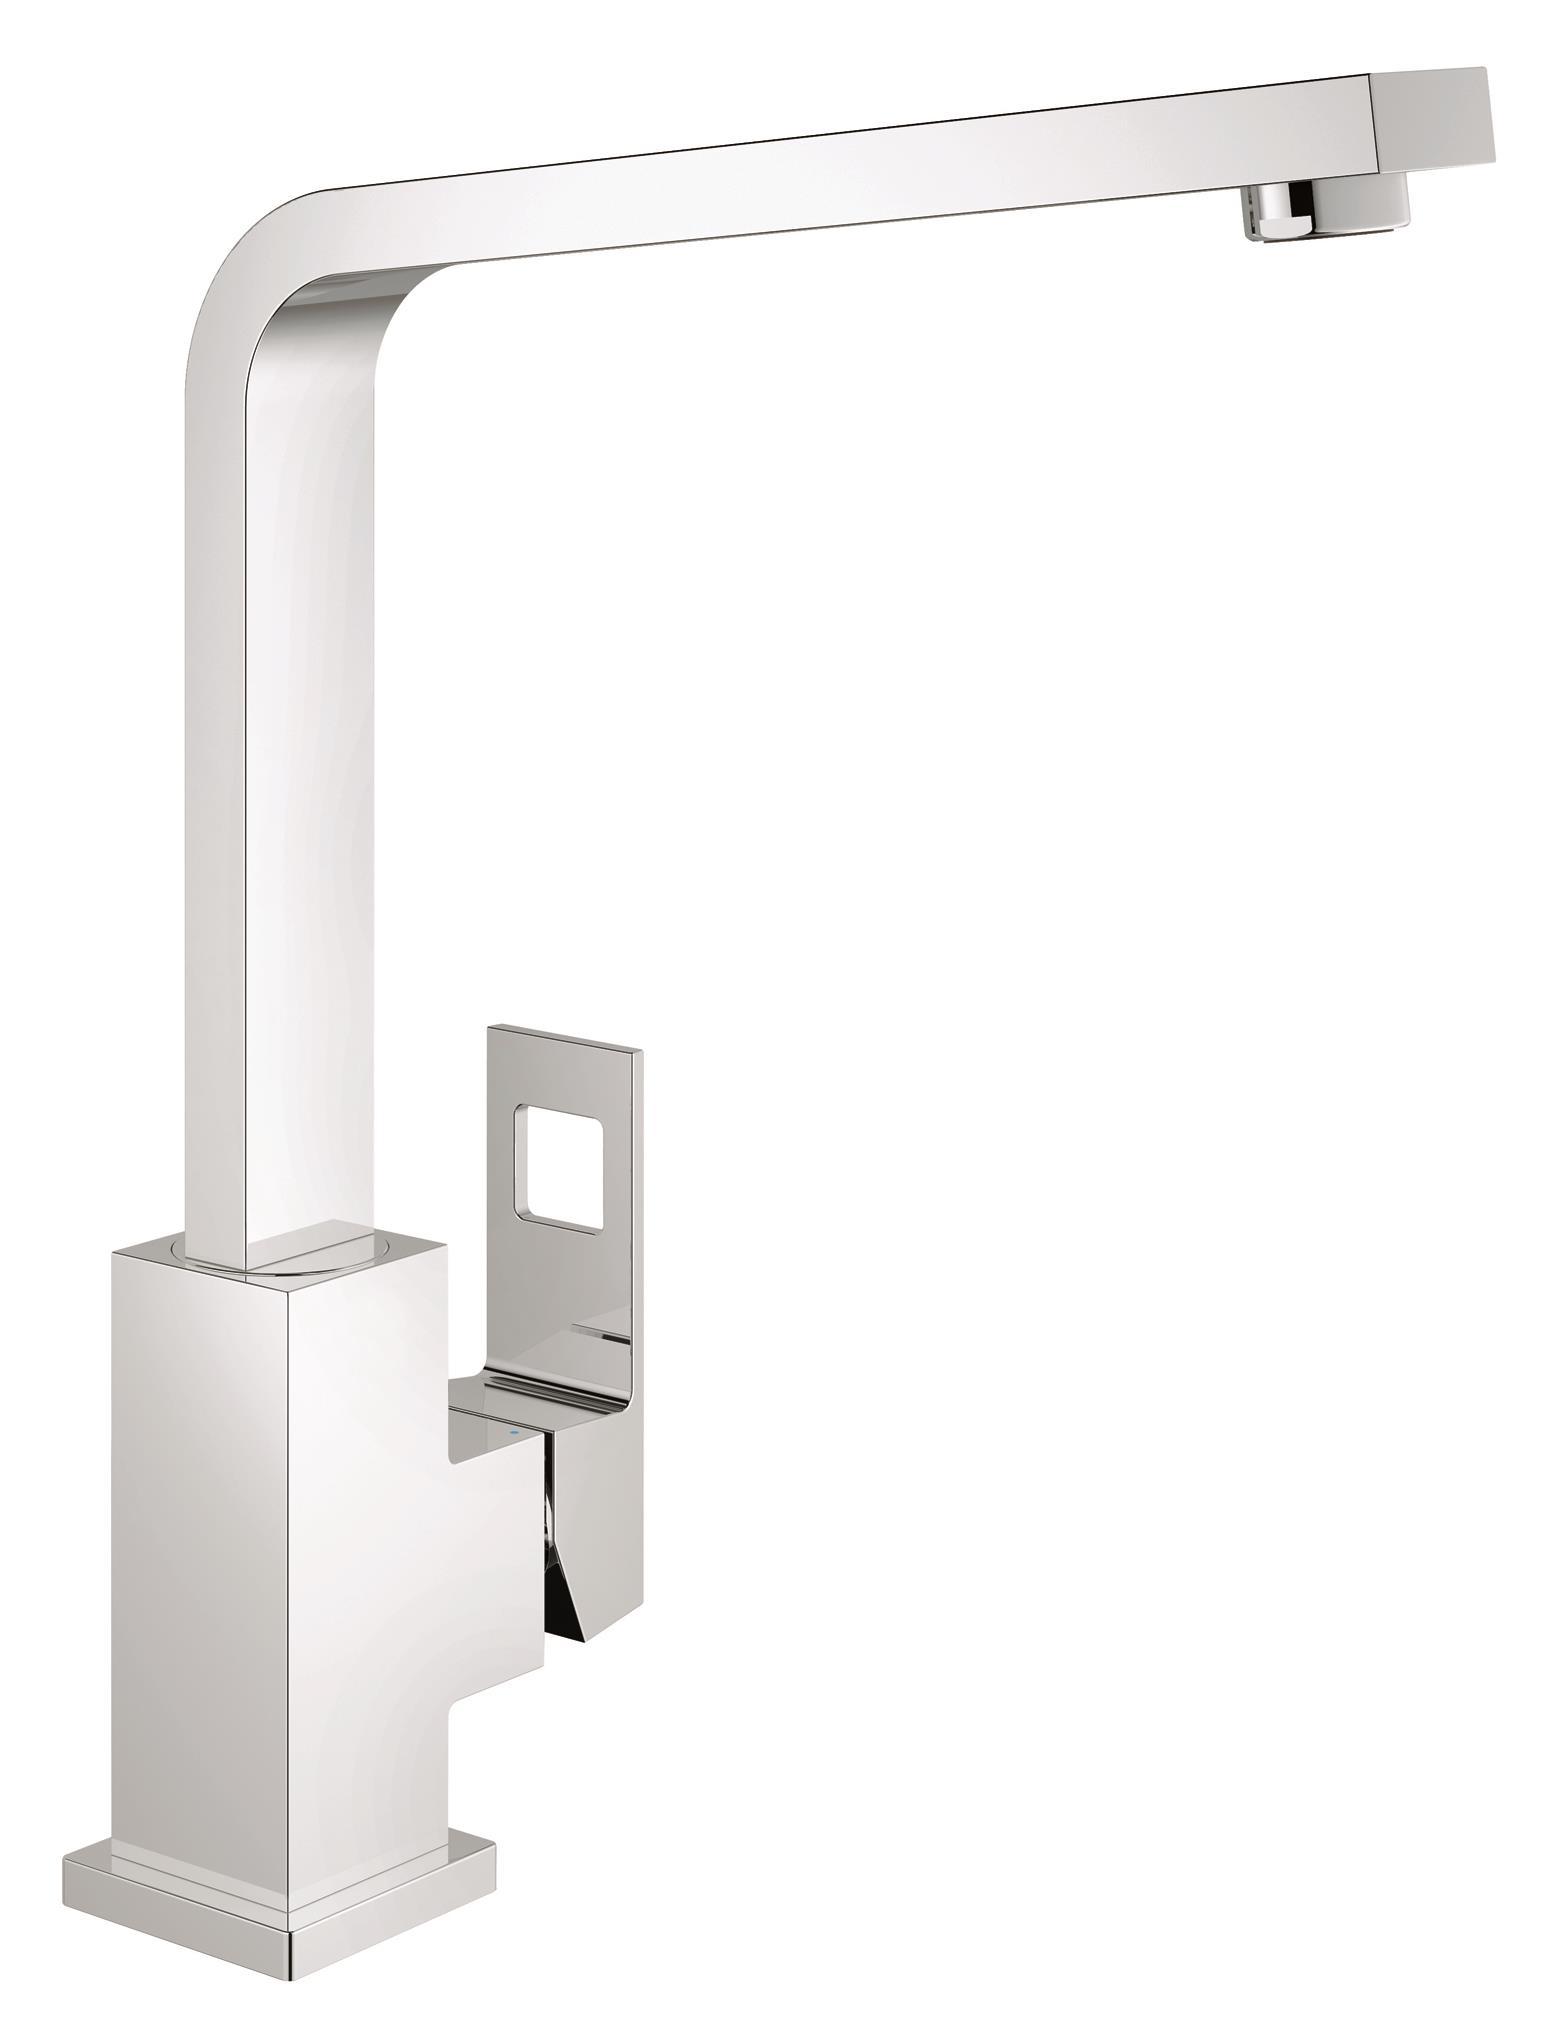 Смеситель для кухни GROHE Eurocube (31255000)68/5/2GROHE Eurocube: смеситель для кухни с непревзойденными технологиями, облаченными в эффектное дизайнерское решение Этот кухонный смеситель GROHE Eurocube с лаконичным дизайном, основанным на прямых линиях и квадратных формах, придаст интерьеру Вашей кухни особую выразительность. Благодаря износостойкому глянцевому хромированному покрытию GROHE StarLight, он всегда будет хранить свой безупречный первозданный вид. Эффектный и одновременно с этим практичный высокий излив поможет Вам с легкостью наполнять и ополаскивать высокие емкости. Возможность вращения излива в радиусе 360° обеспечивает максимально возможное удобство при работе на кухне. Технология GROHE SilkMove, которая применяется в конструкции картриджа, гарантирует плавность и легкость регулировки температуры и напора воды. Наша фирменная система упрощенного монтажа позволит выполнить установку этого смесителя для мойки быстро и без затруднений. Перед Вами – совершенный во всех отношениях смеситель кубических форм.Особенности:Высокий излив Монтаж на одно отверстие GROHE SilkMove керамический картридж 28 мм GROHE StarLight хромированная поверхностьПоворотный литой излив Радиус поворота 360° Аэратор Гибкая подводка Система быстрого монтажаВидео по установке является исключительно информационным. Установка должна проводиться профессионалами!